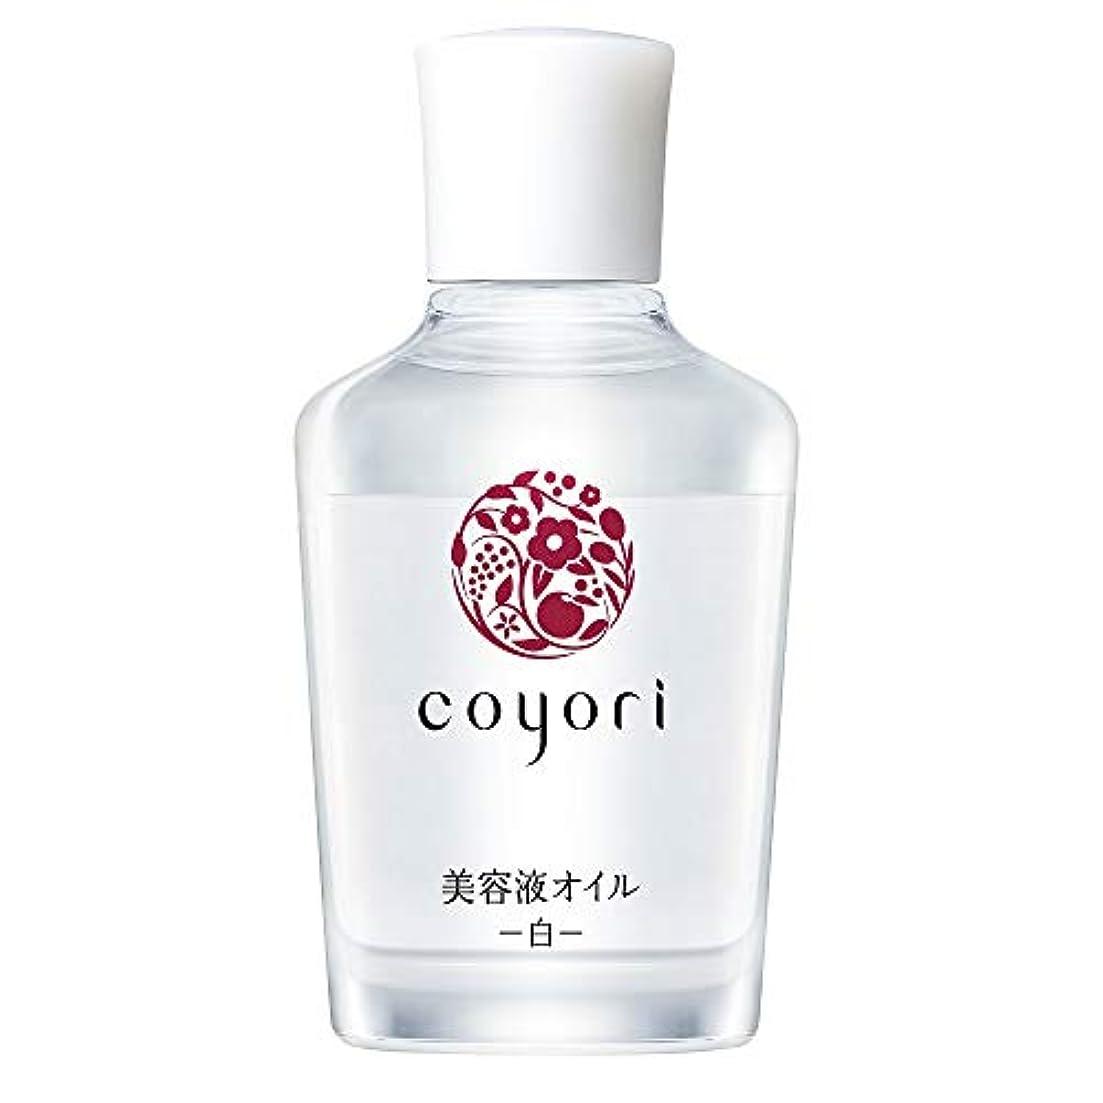 バンドル動的うっかり[公式] コヨリ 美容液オイル-白- 40mL 大容量 無添加[高機能 自然派 エイジングケア 乾燥肌 敏感肌 くすみ 乾燥 小じわ 対策用 もっちり ハリ ツヤ フェイスオイル ]